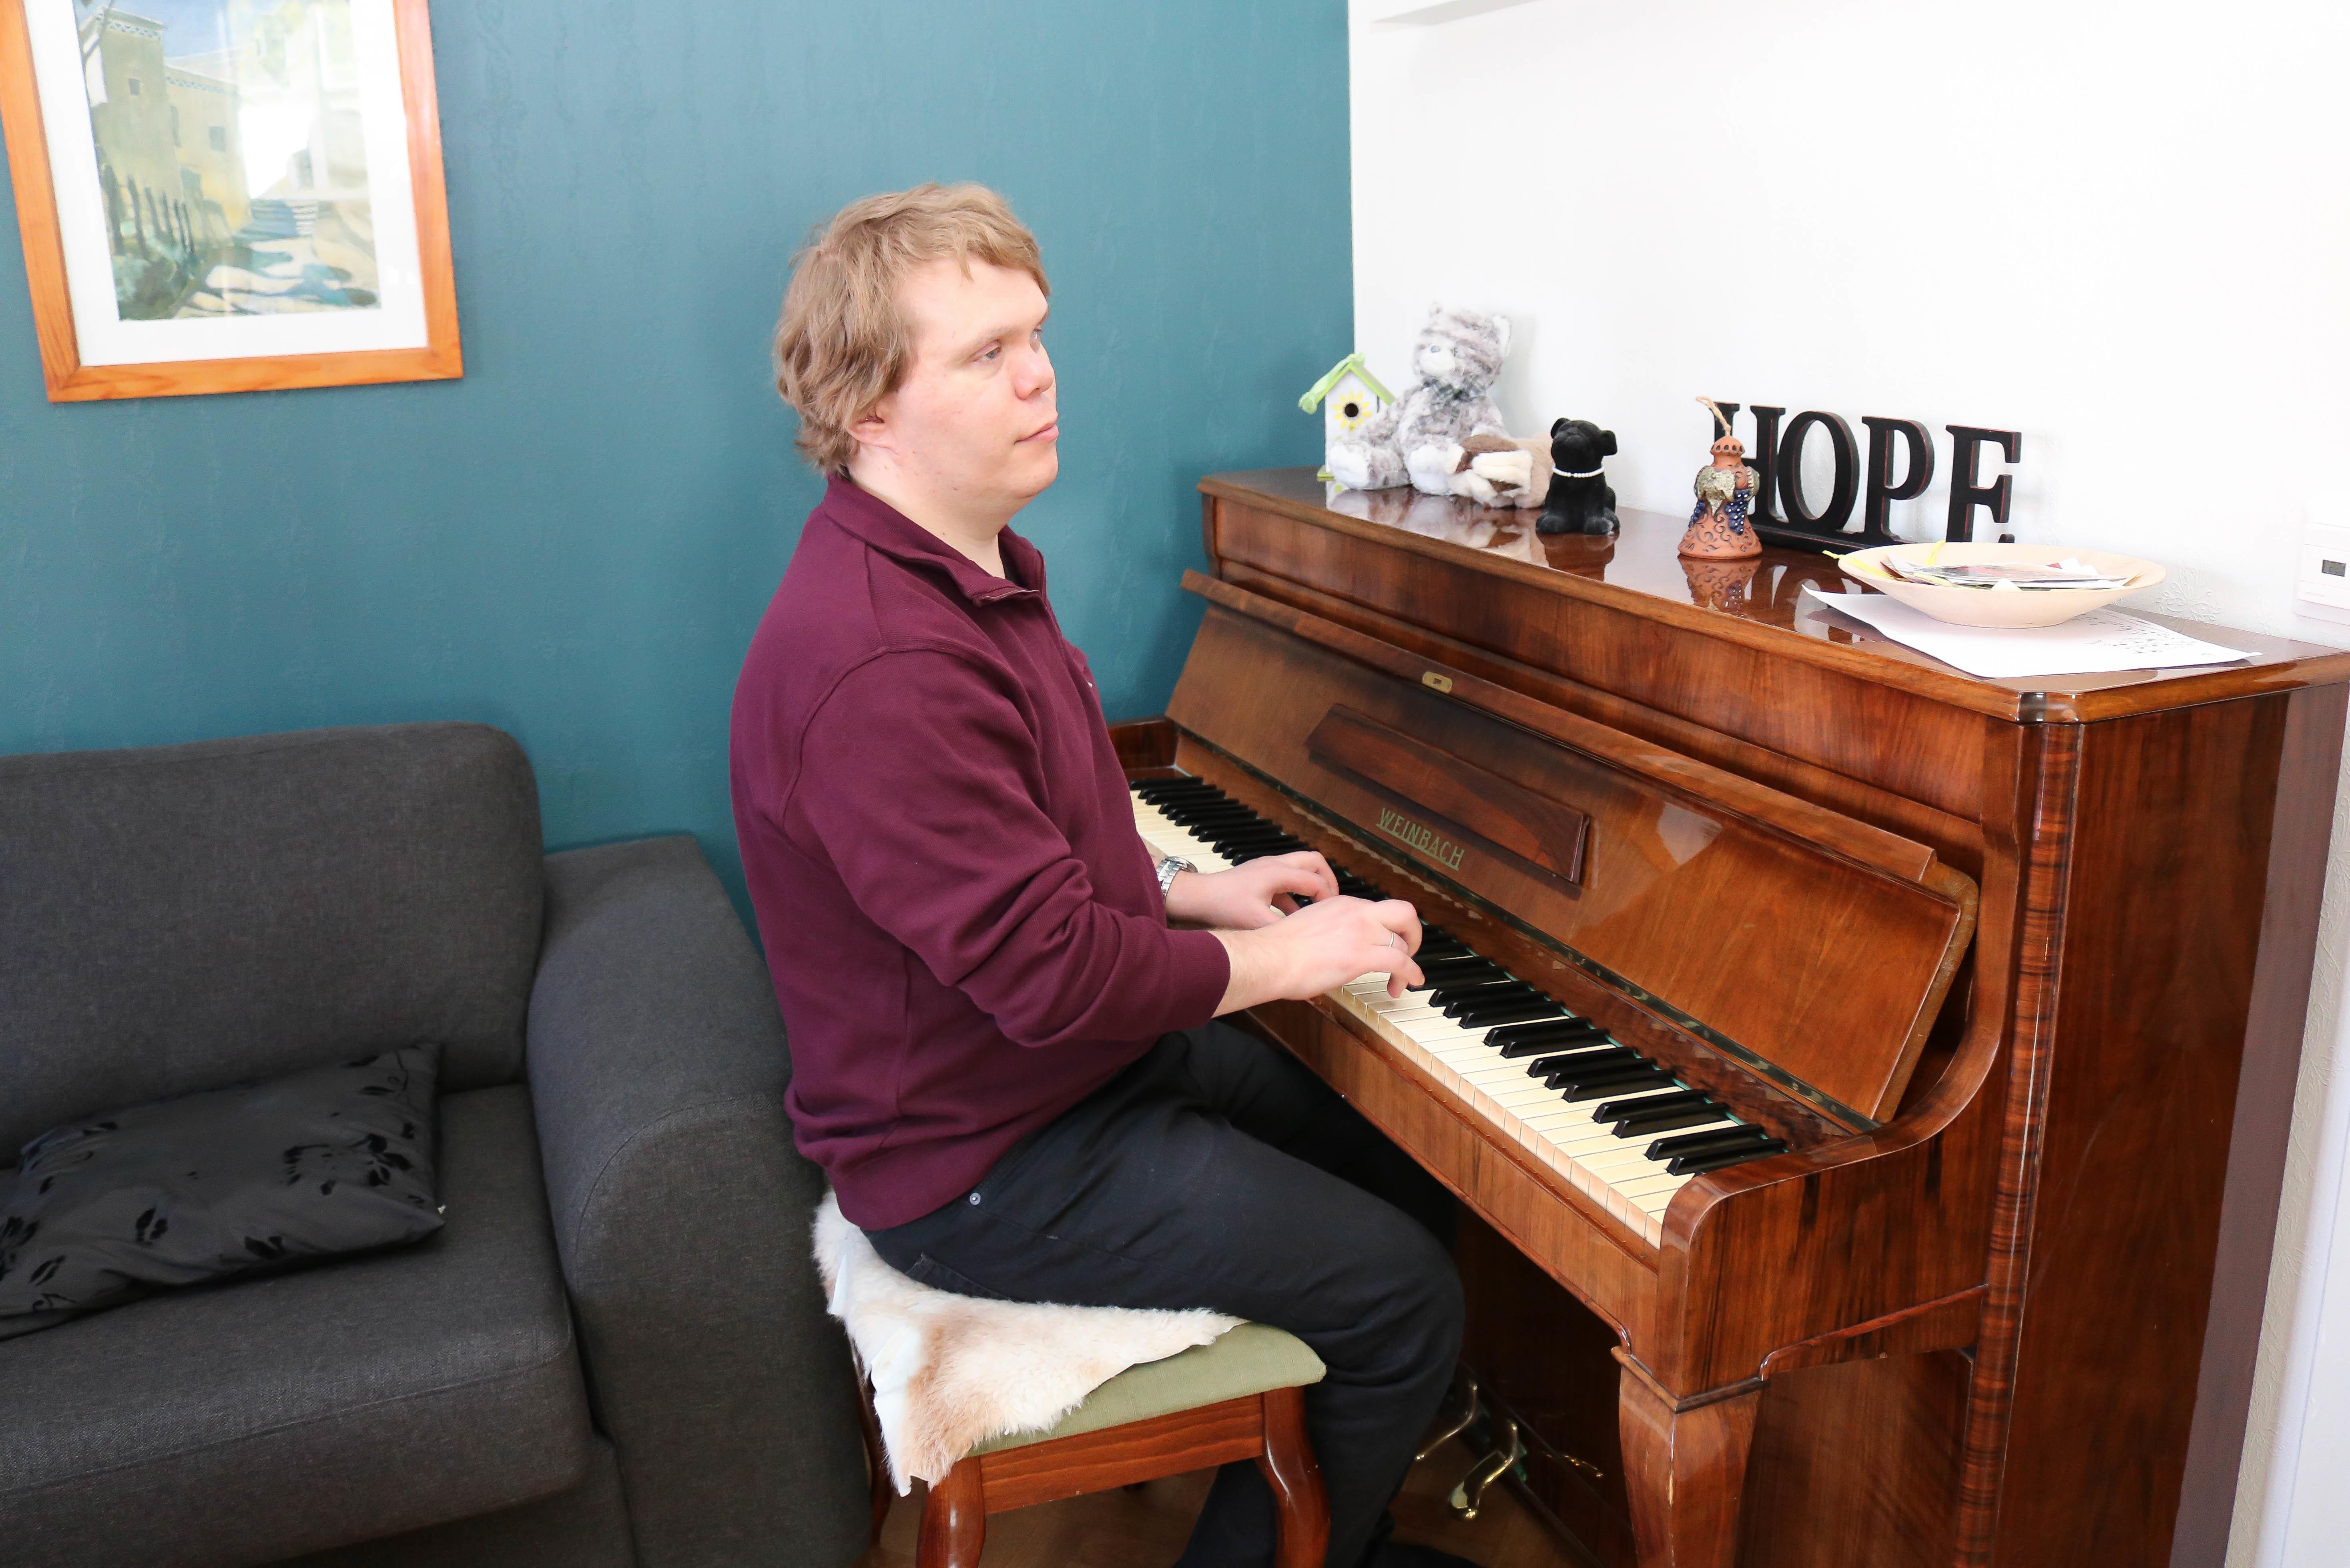 Døvblind mann med lilla genser spiller på et opprettstående piano.